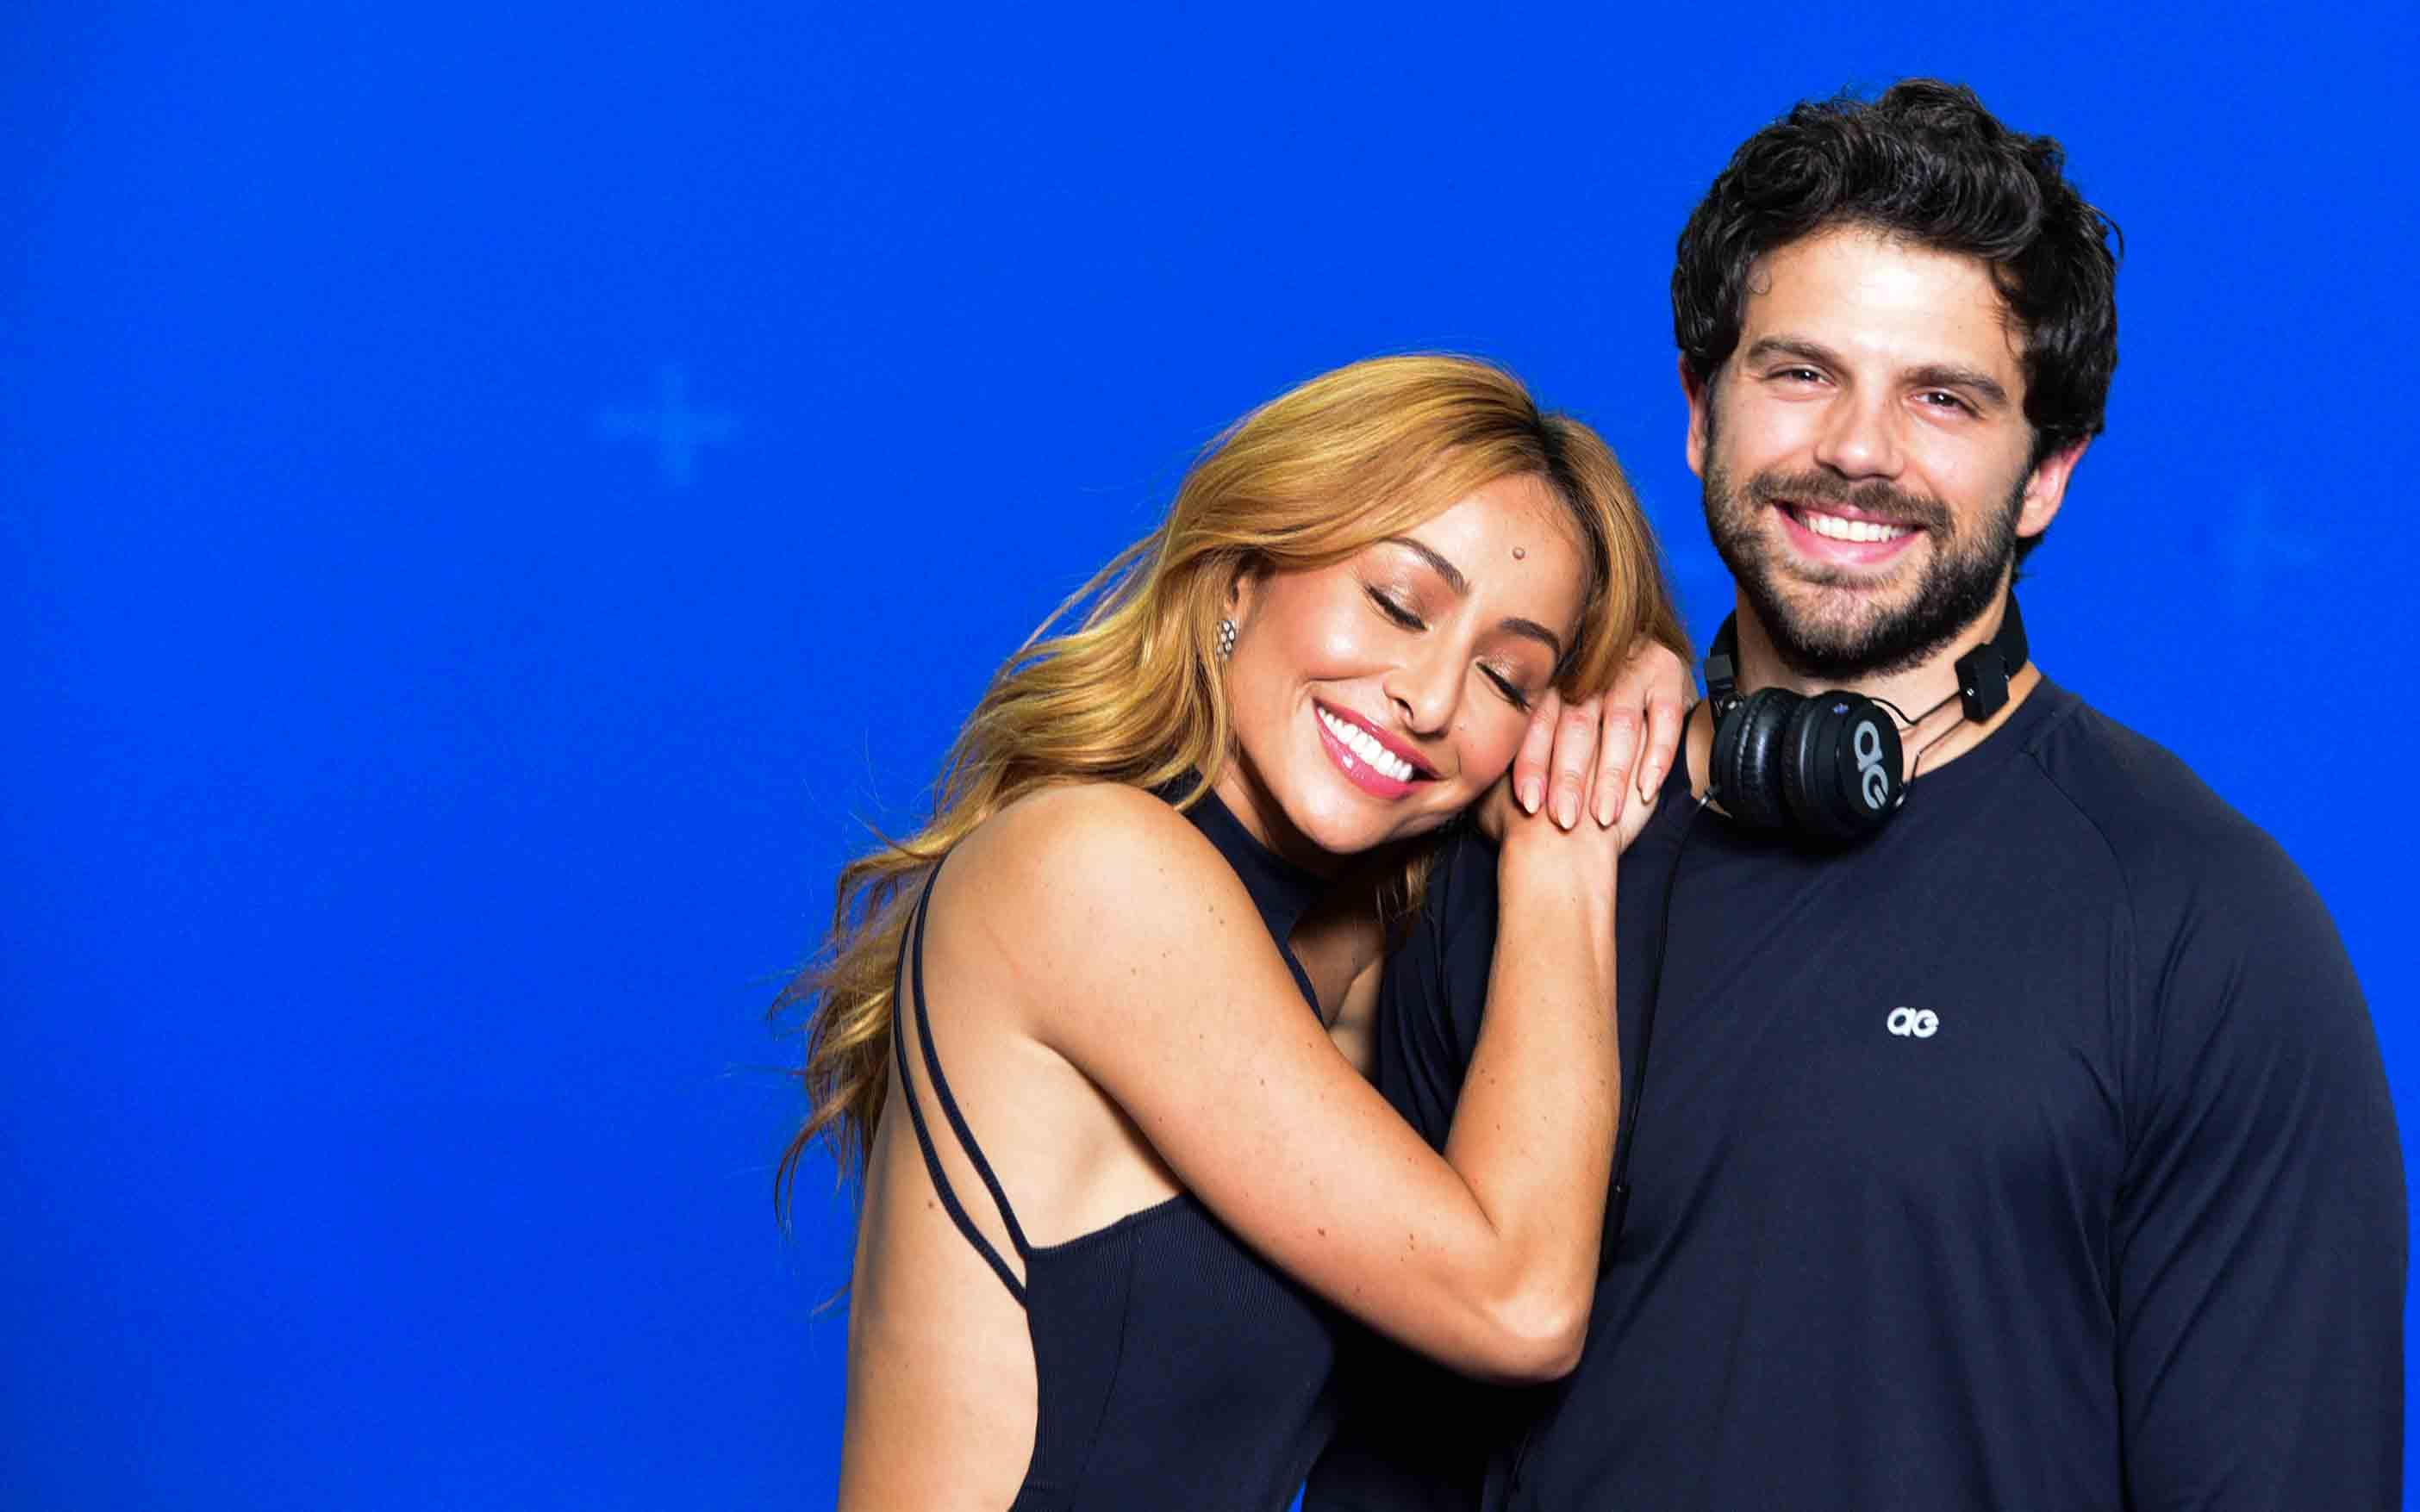 2a55c90f99f43 Duda Nagle e Sabrina Sato posam juntos e apresentadora exibe barriga de  cinco meses de grávida – TV Foco